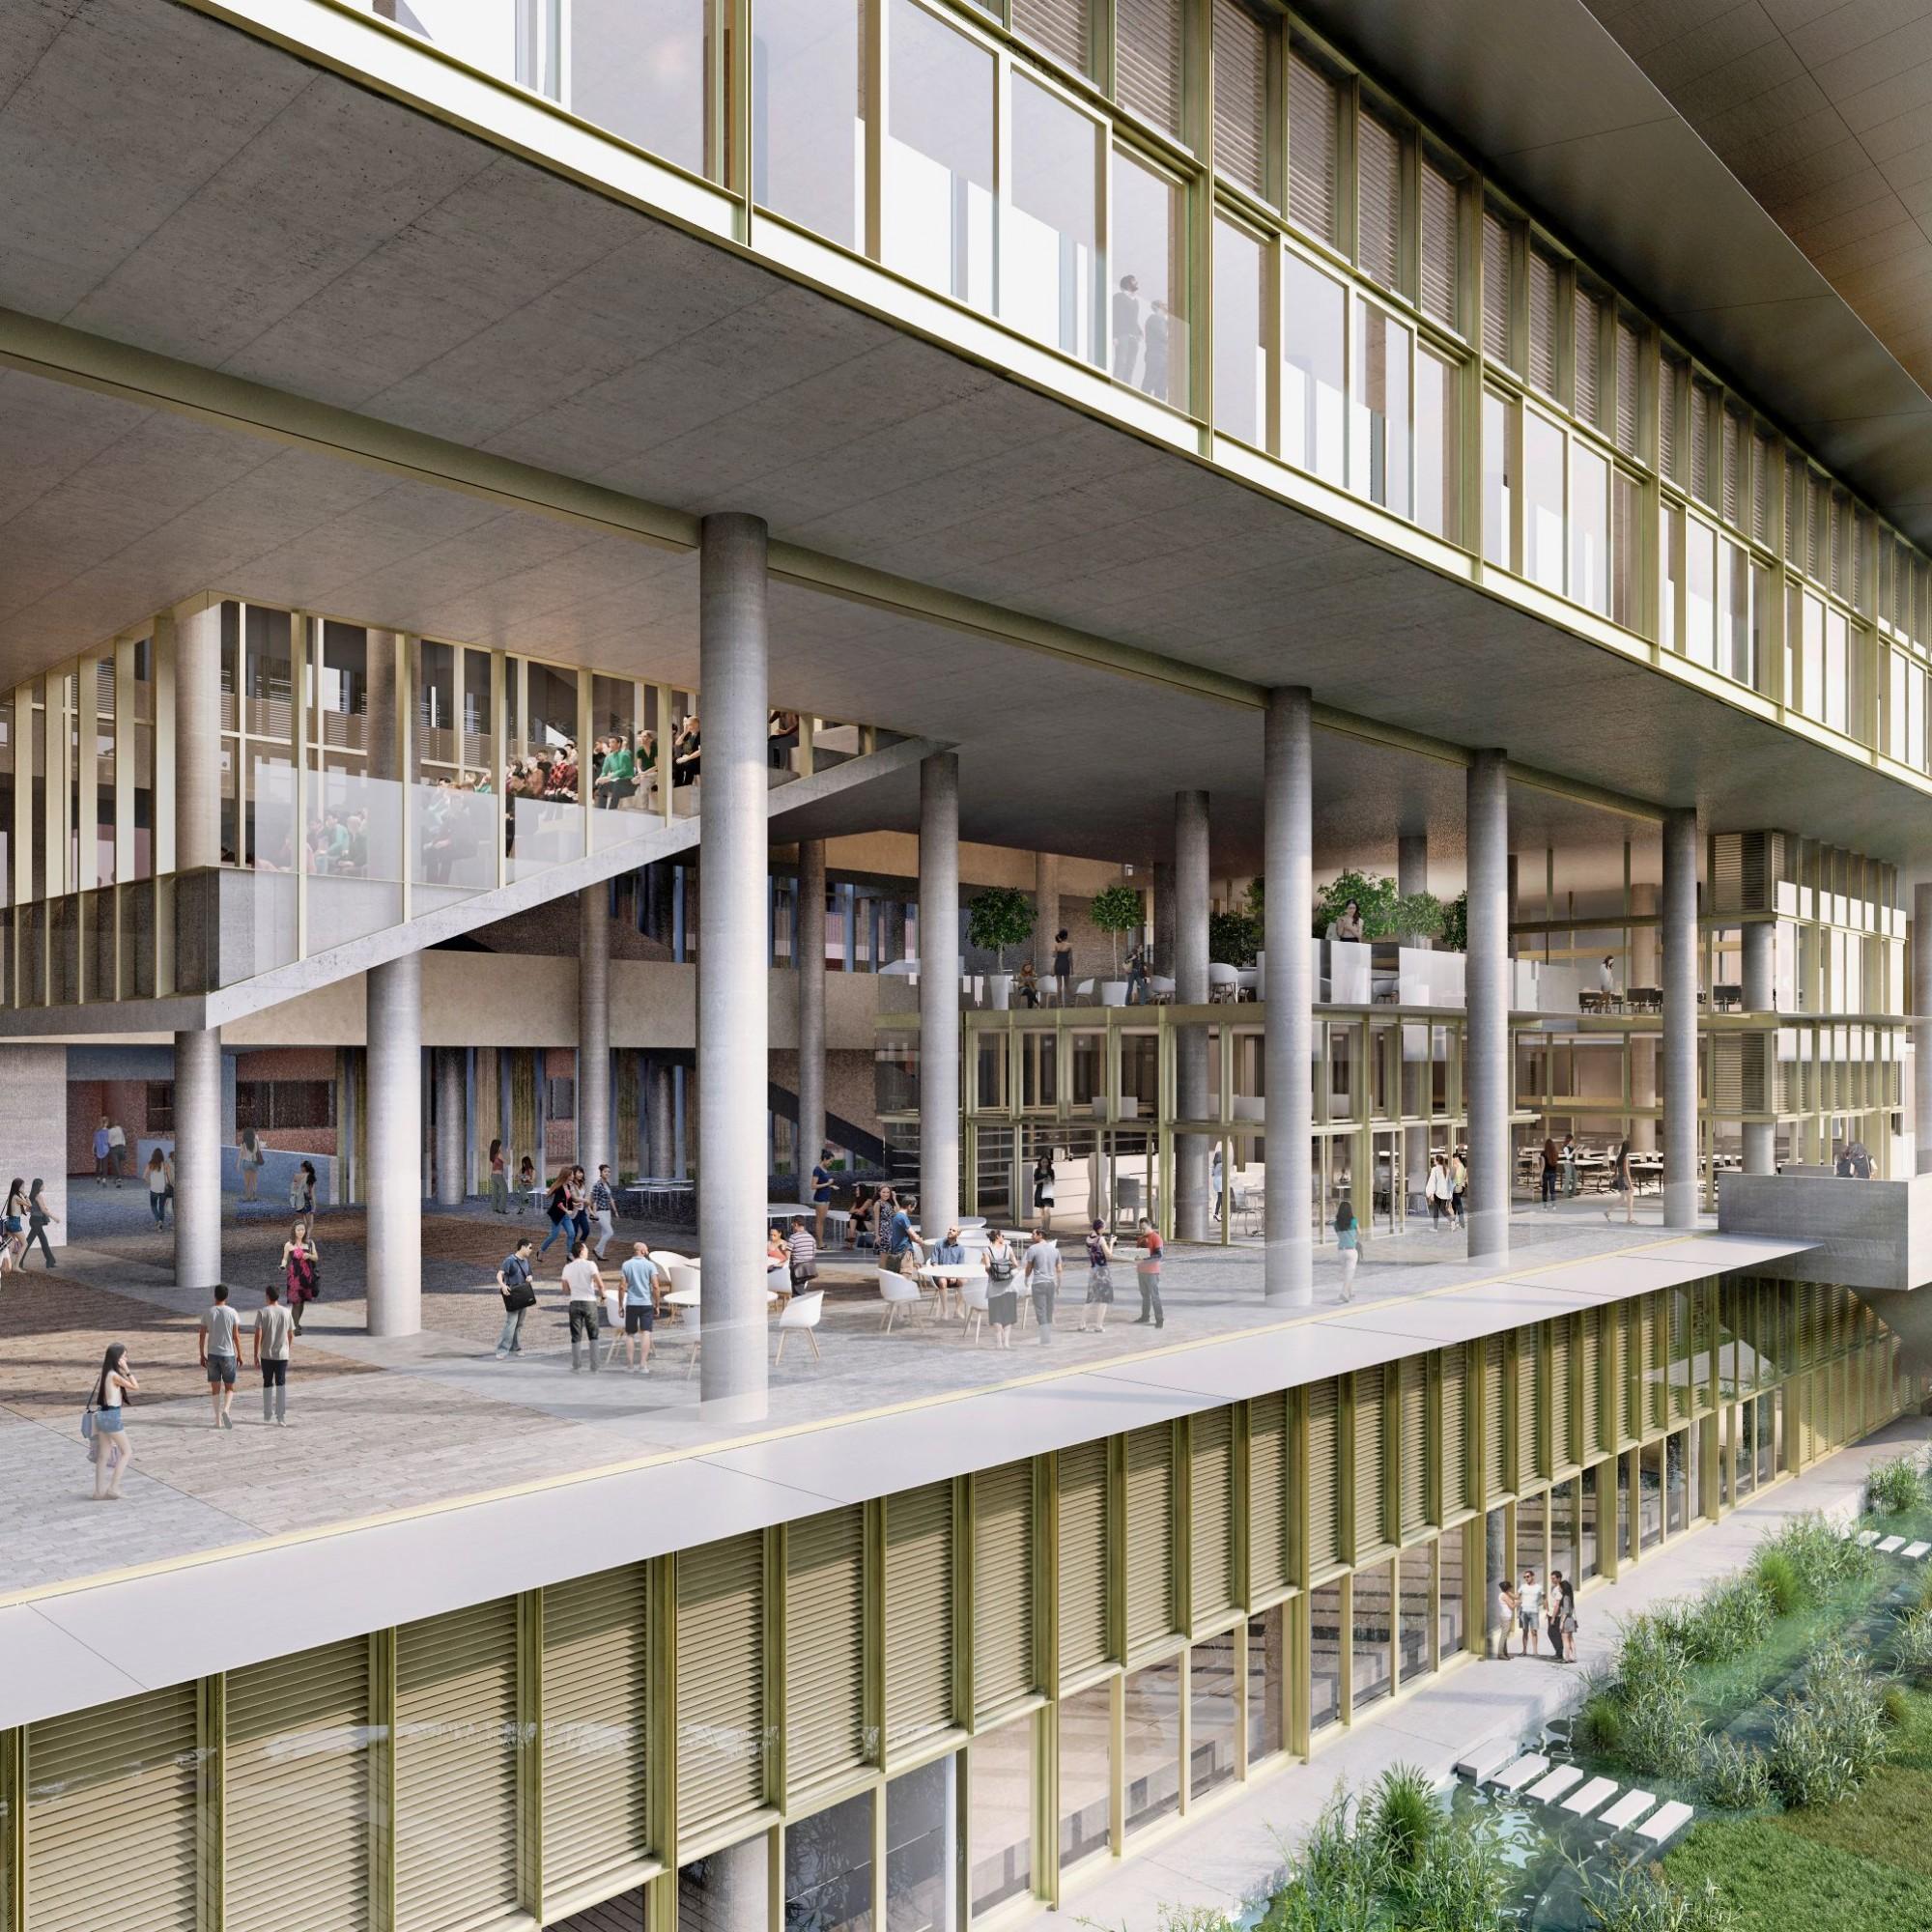 Netto-Nullenergiegebäude: Der neue Erweiterungsbau der «School of Design & Environment» in Singapur erzeugt so viel Energie, wie er verbraucht.